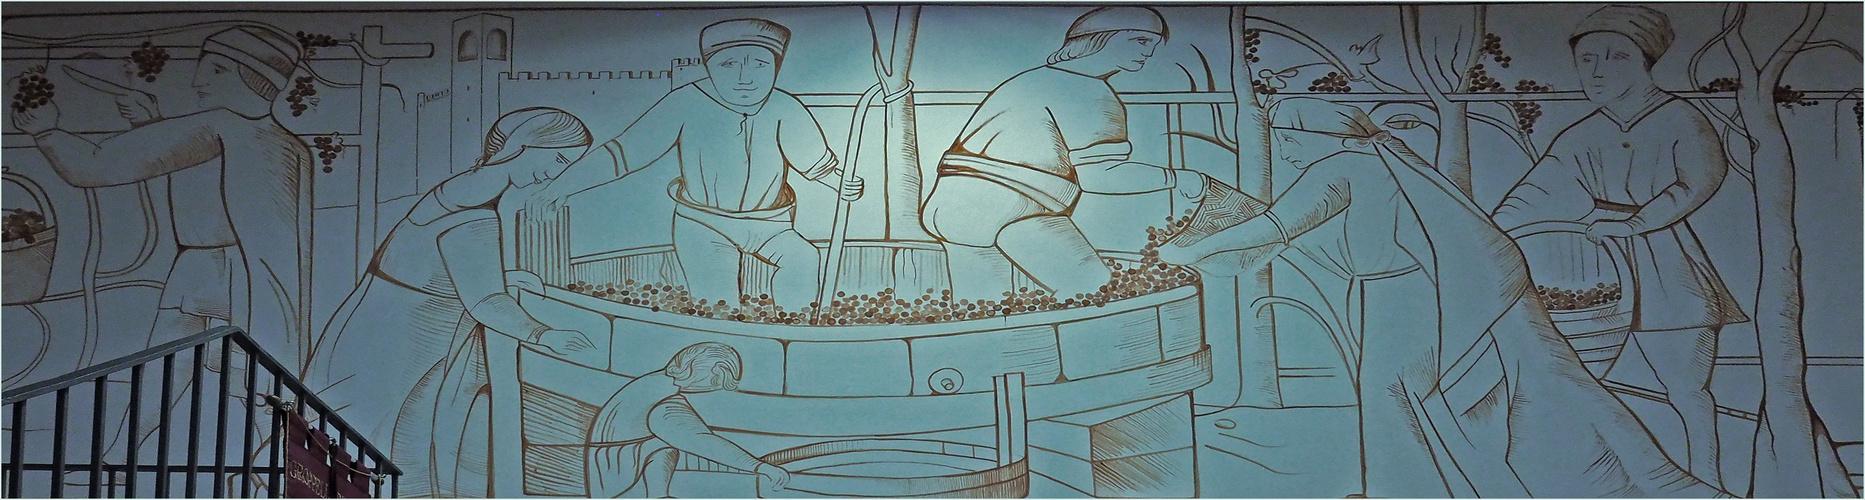 Fresque de Gianluigi Verdi: les vendanges